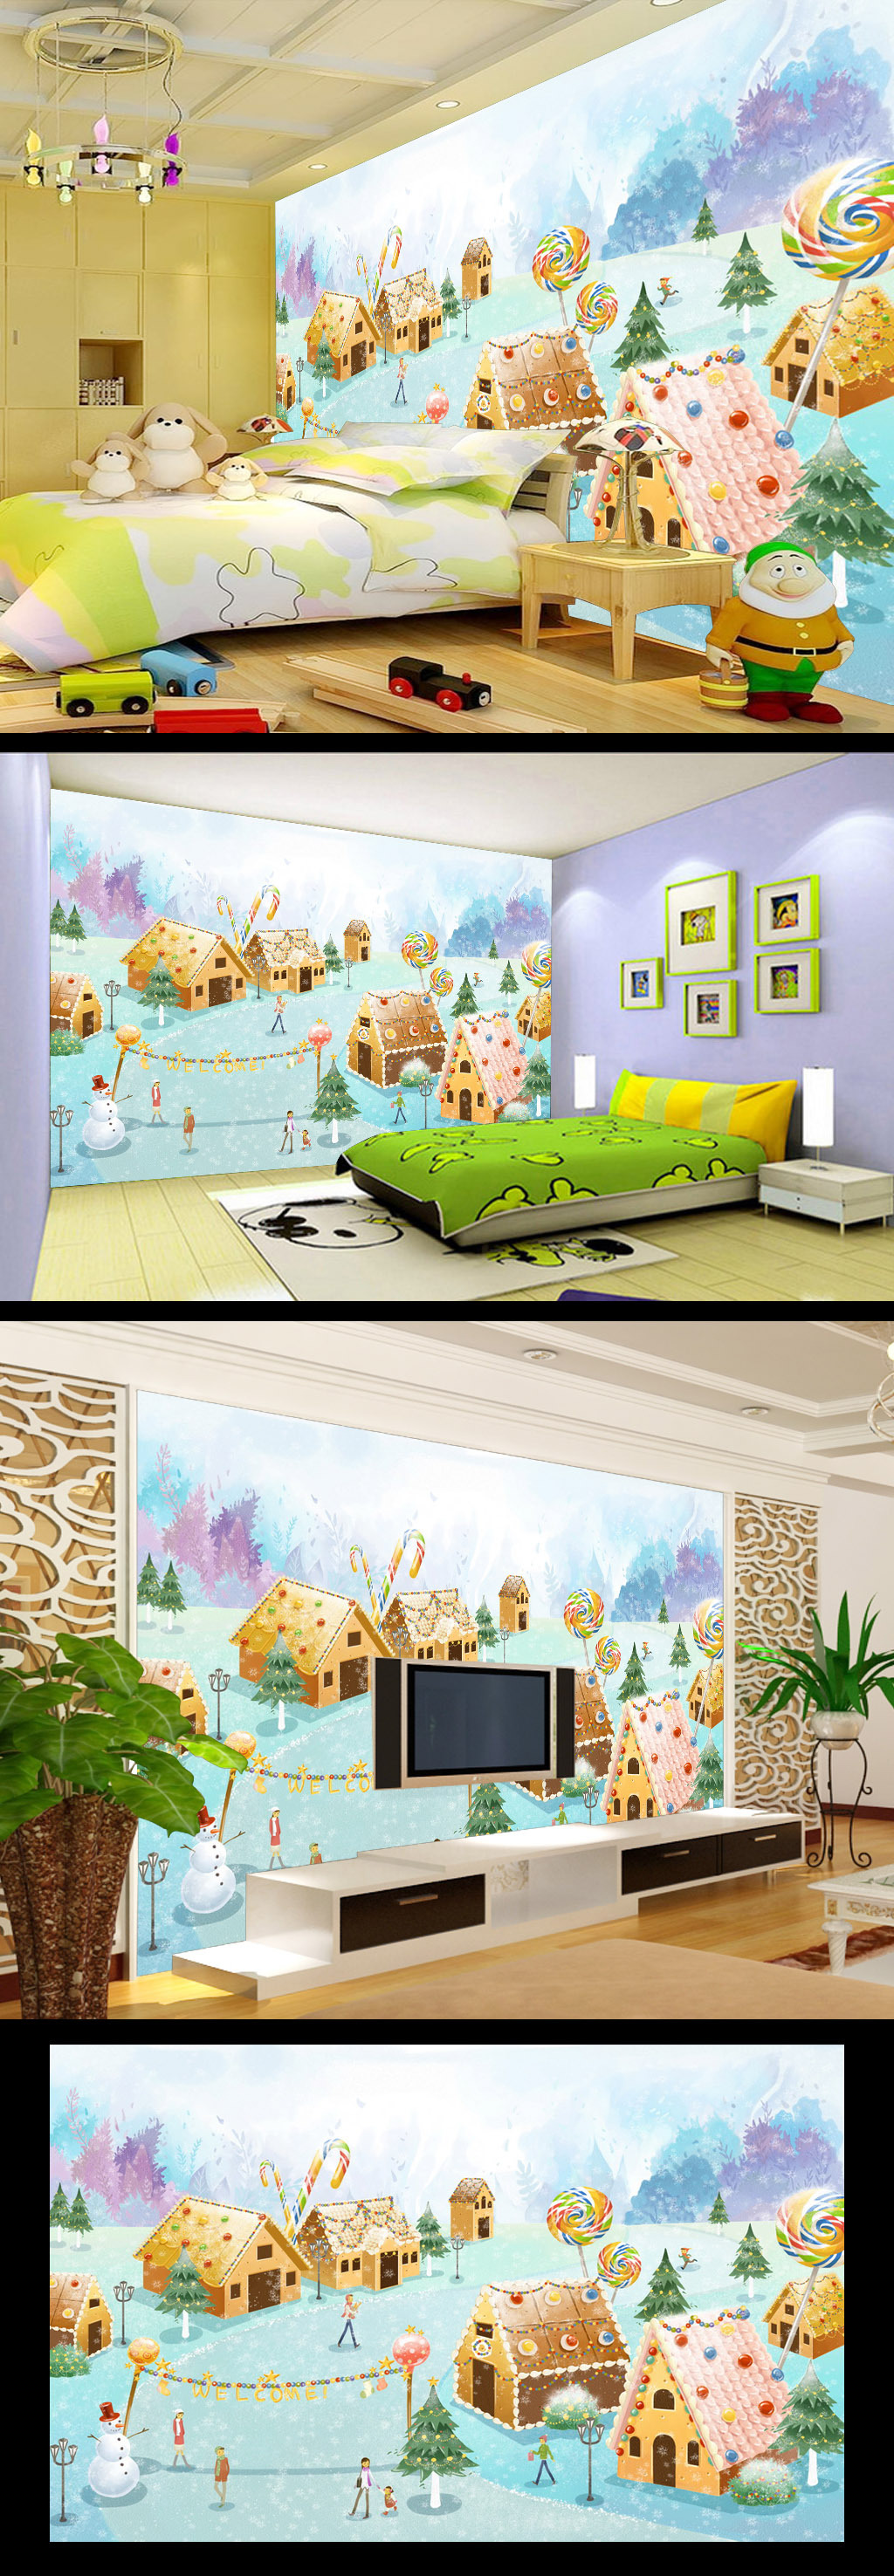 时尚浪漫卡通动漫儿童房间风景画墙贴